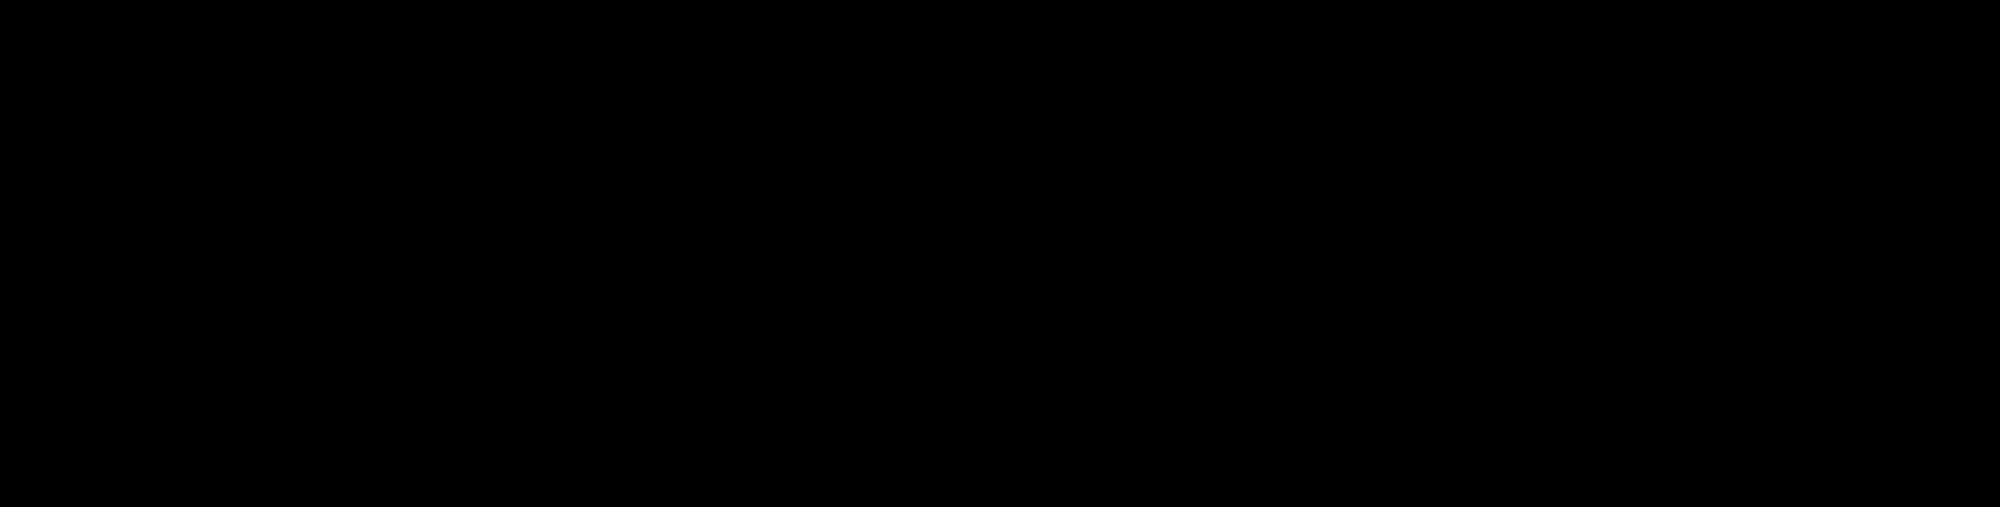 File:Max Planck signature.svg.